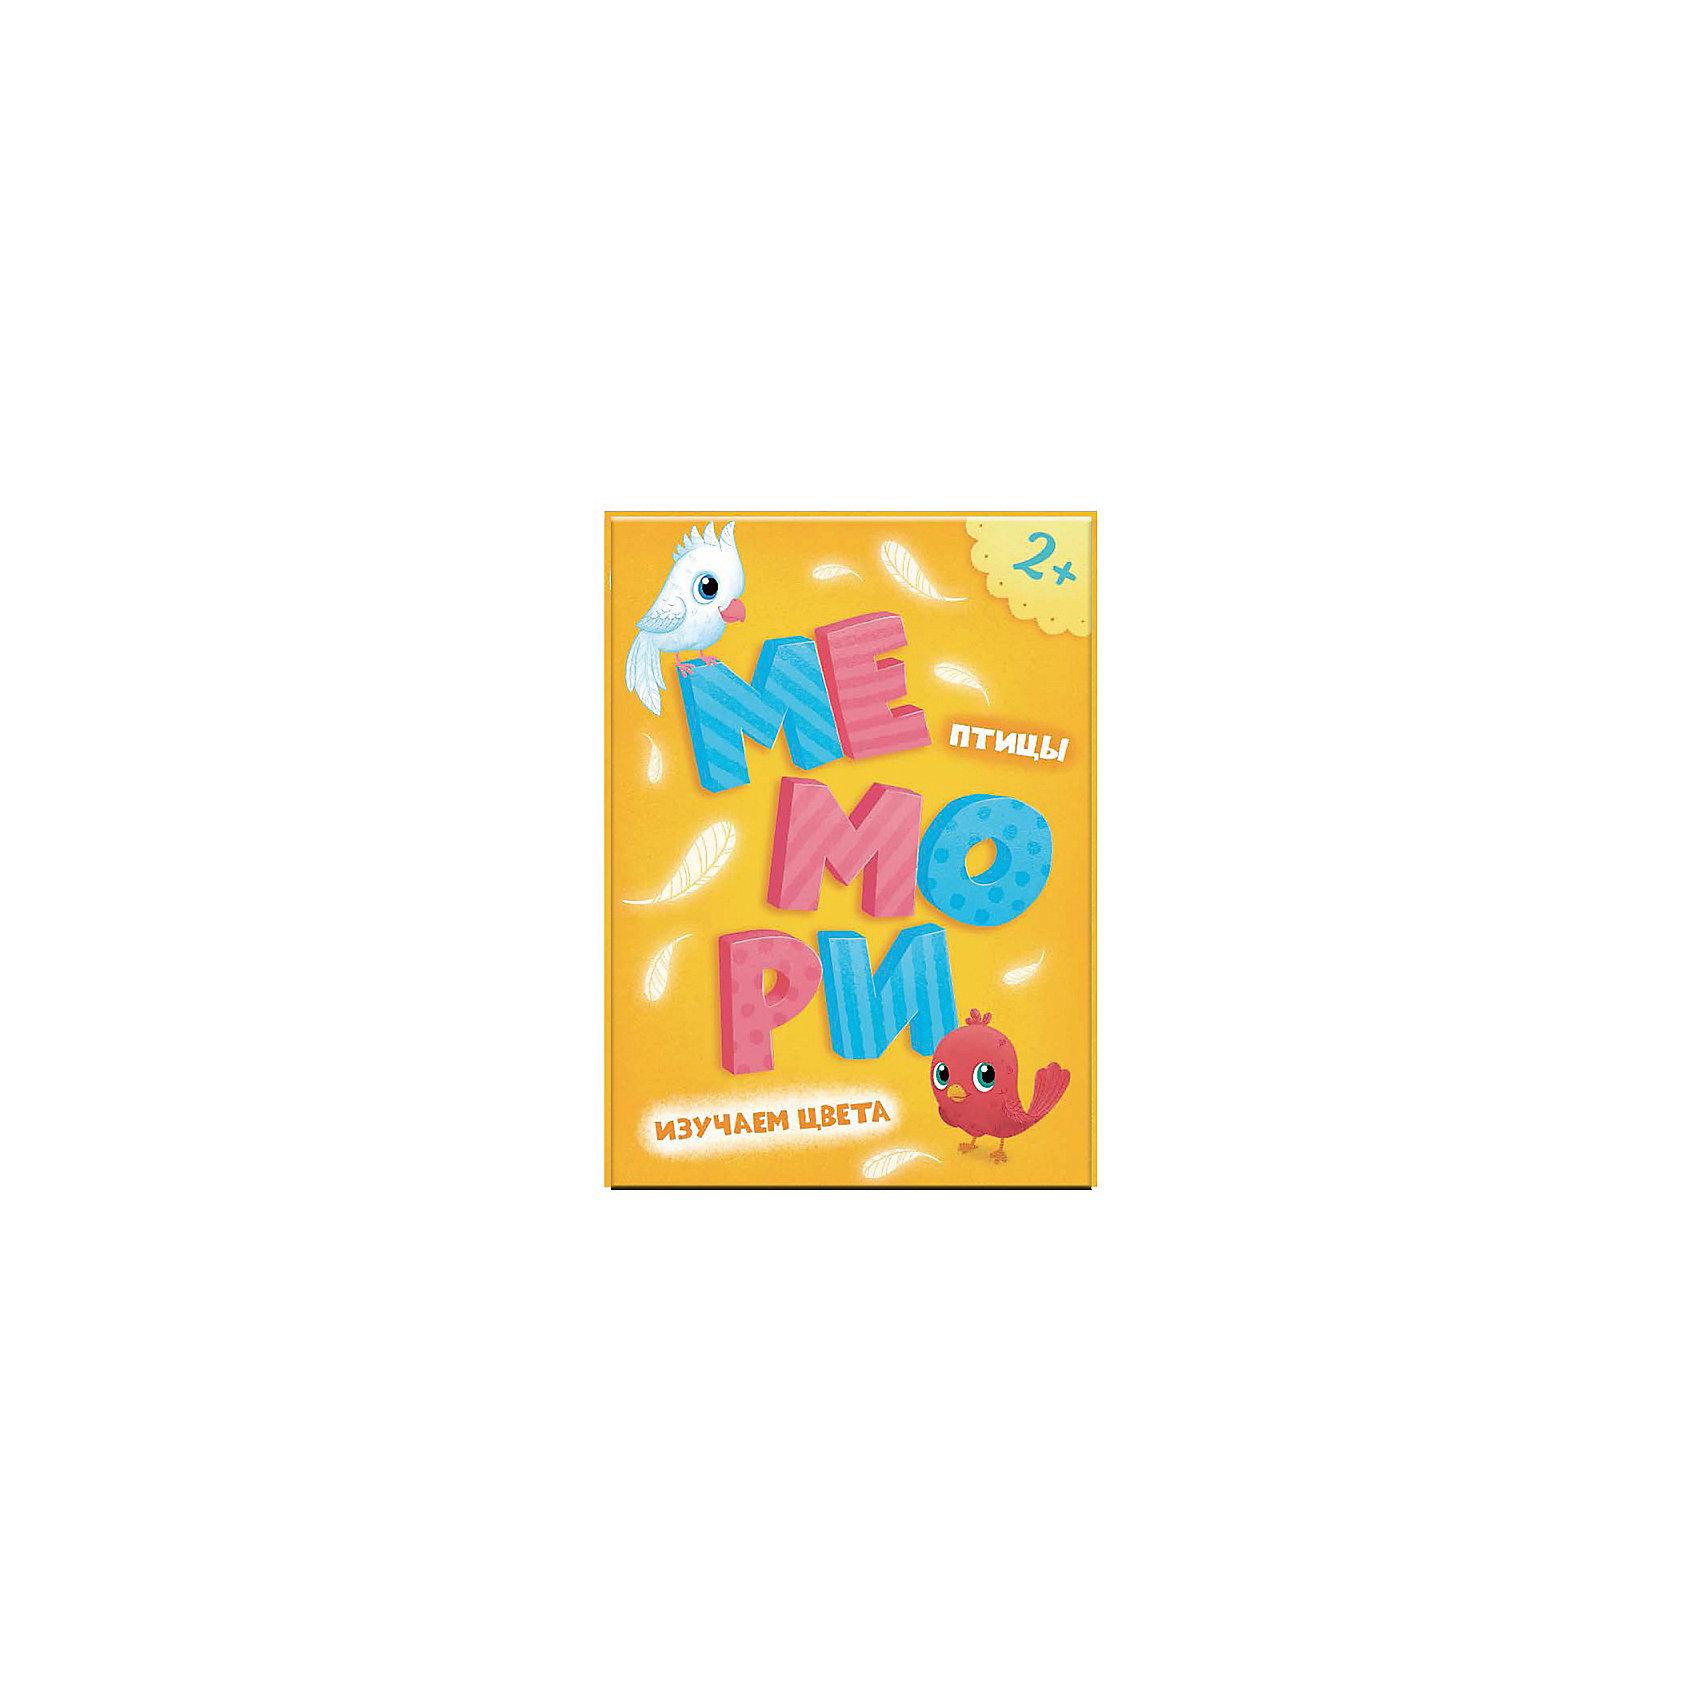 Мемори для малышей Птицы: Изучаем цвета, 25 карточекИгры мемо<br>Мемори — весёлый и интересный способ тренировать память и внимание. Ребёнок, отыскивая среди ярких и красивых карточек подходящую пару, развивает своё цветовое восприятие, логическое и ассоциативное мышление.<br><br>Ширина мм: 100<br>Глубина мм: 140<br>Высота мм: 60<br>Вес г: 143<br>Возраст от месяцев: 24<br>Возраст до месяцев: 2147483647<br>Пол: Унисекс<br>Возраст: Детский<br>SKU: 6845933